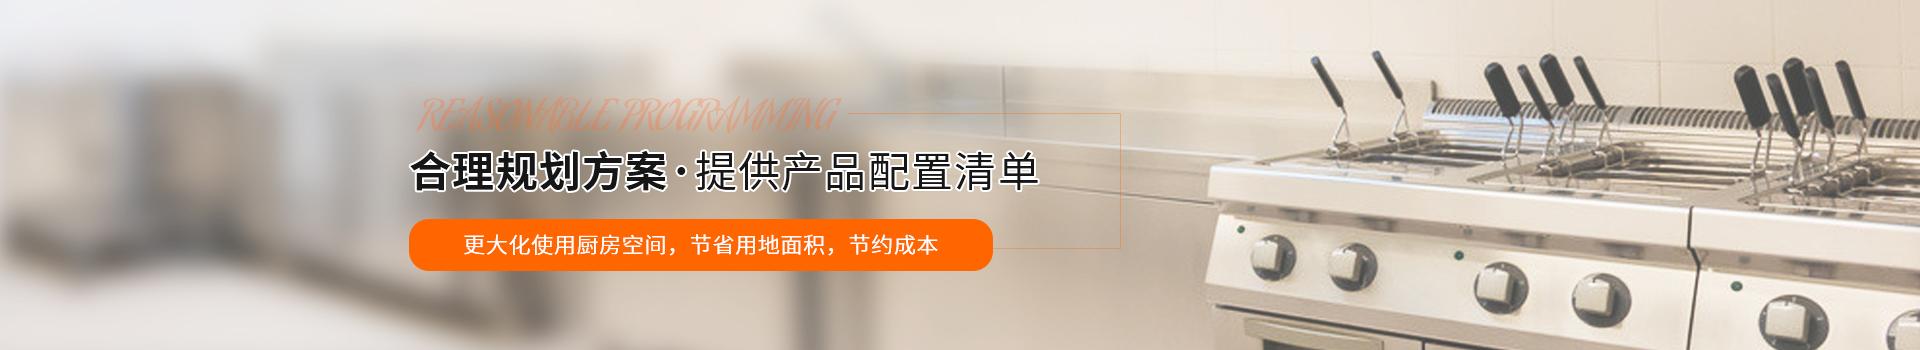 久盛鑫,合理规划方案,提供产品配置清单